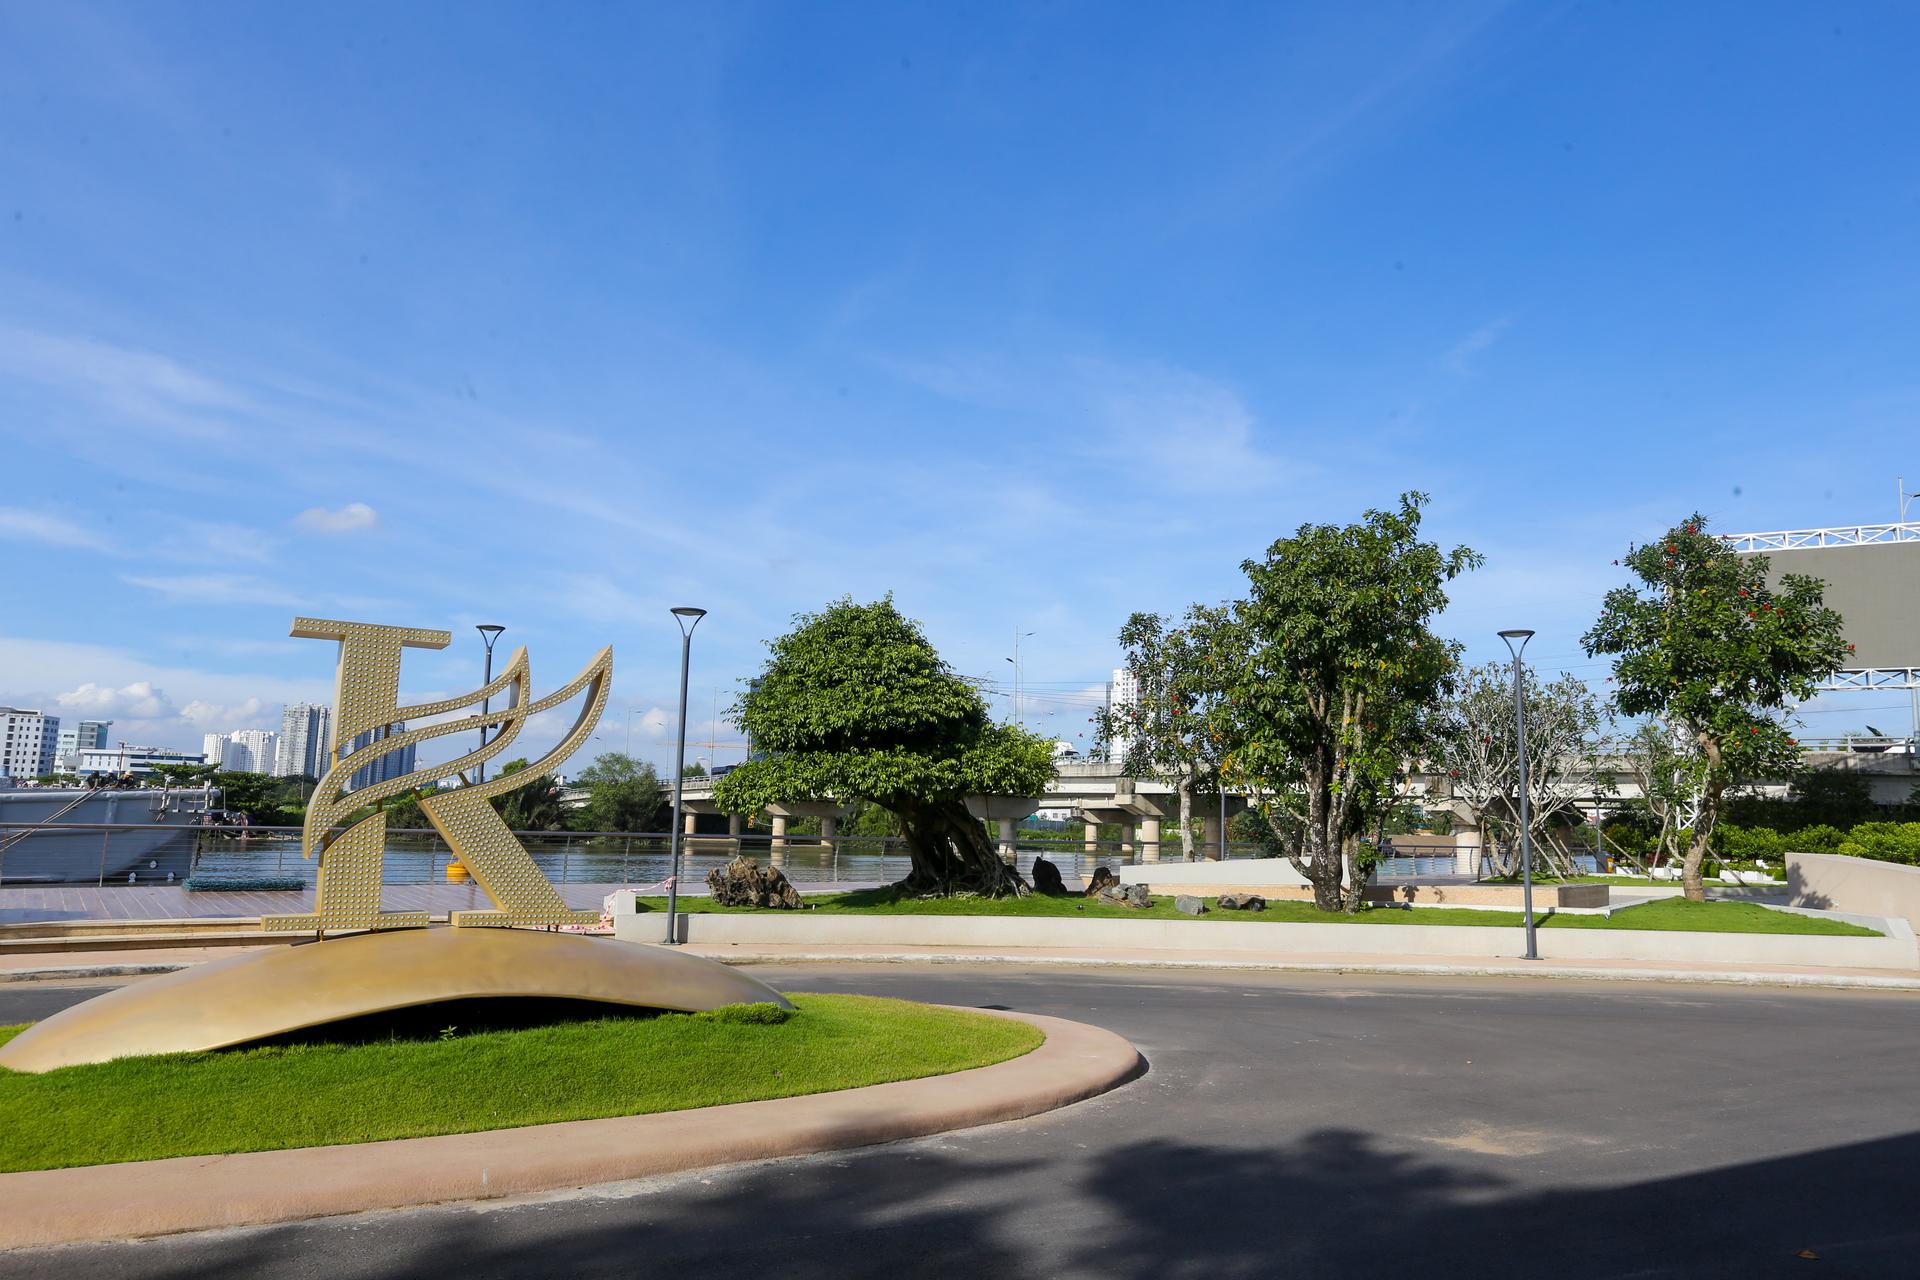 Kenton Node Hotel Complex - nơi tận hưởng khu giải trí đa dịch vụ